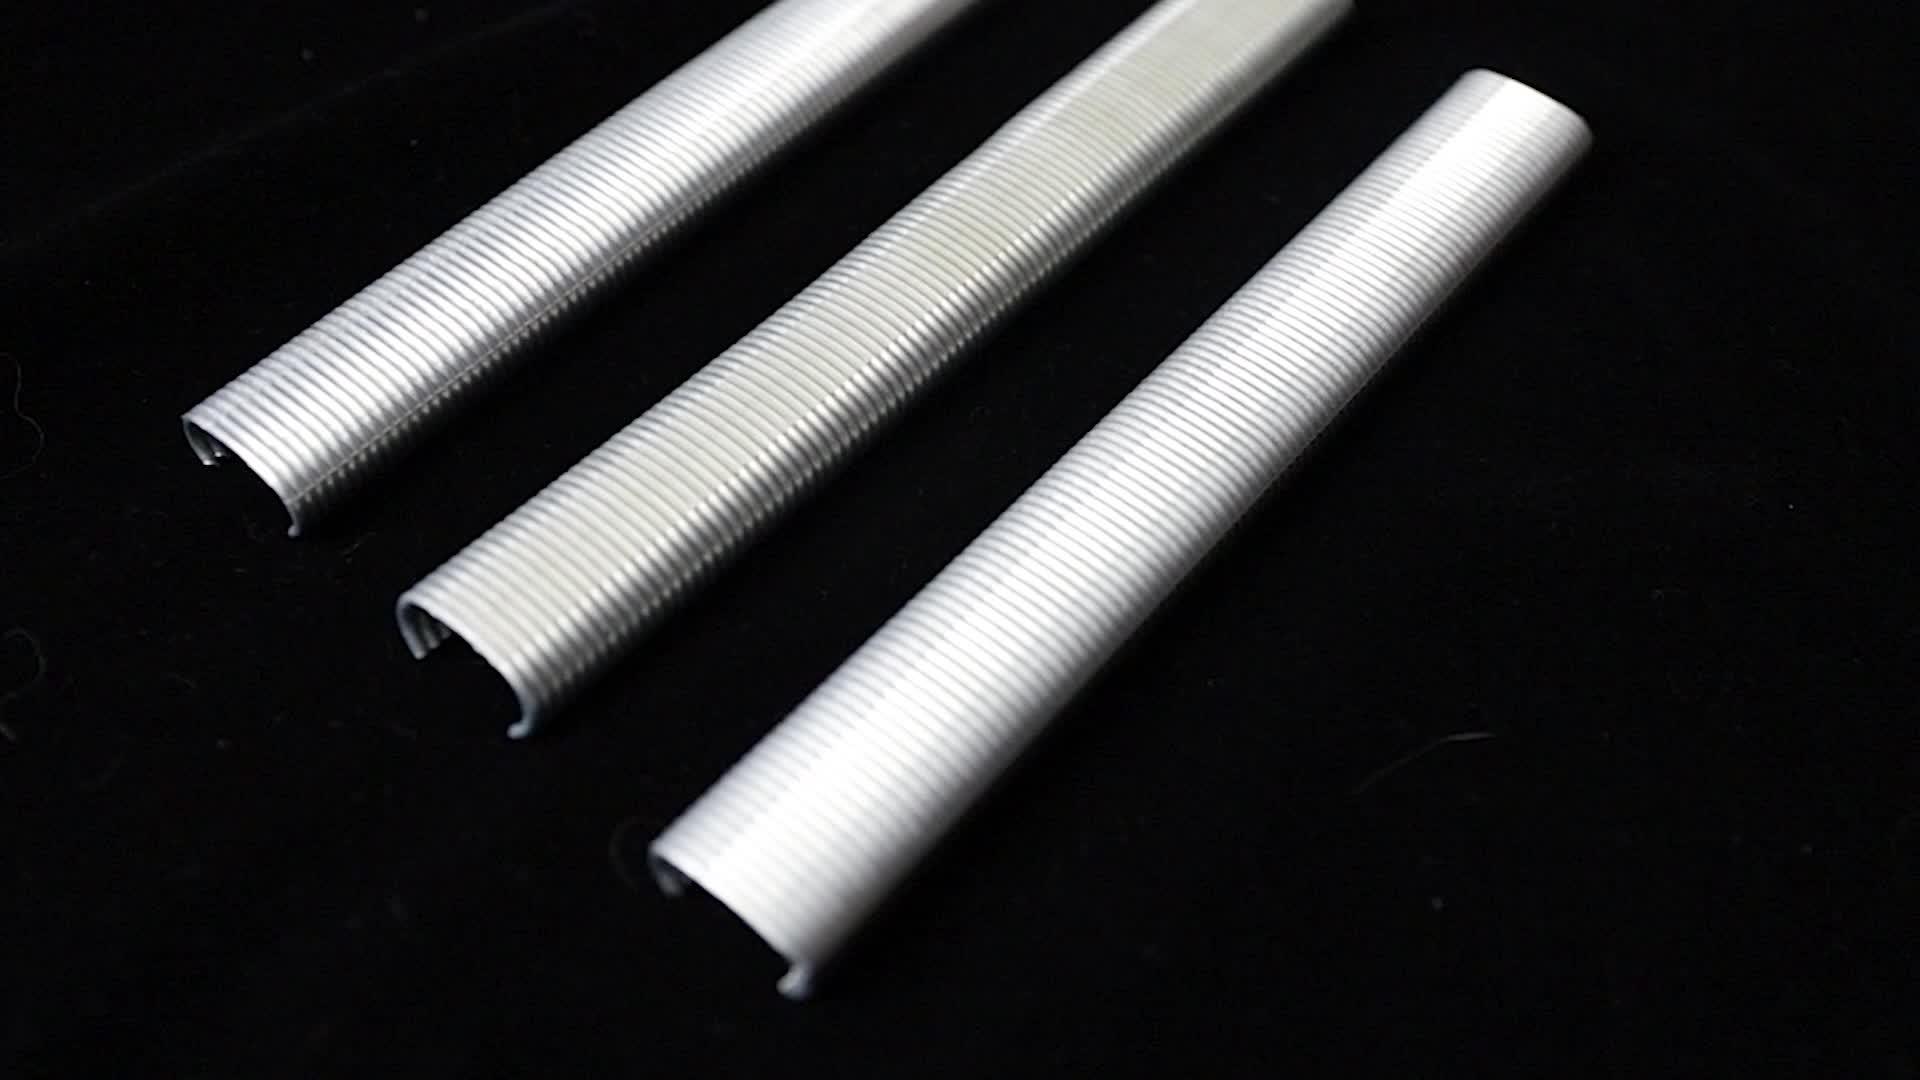 ลวดเย็บกระดาษ C-Ring ชุบสังกะสี C24